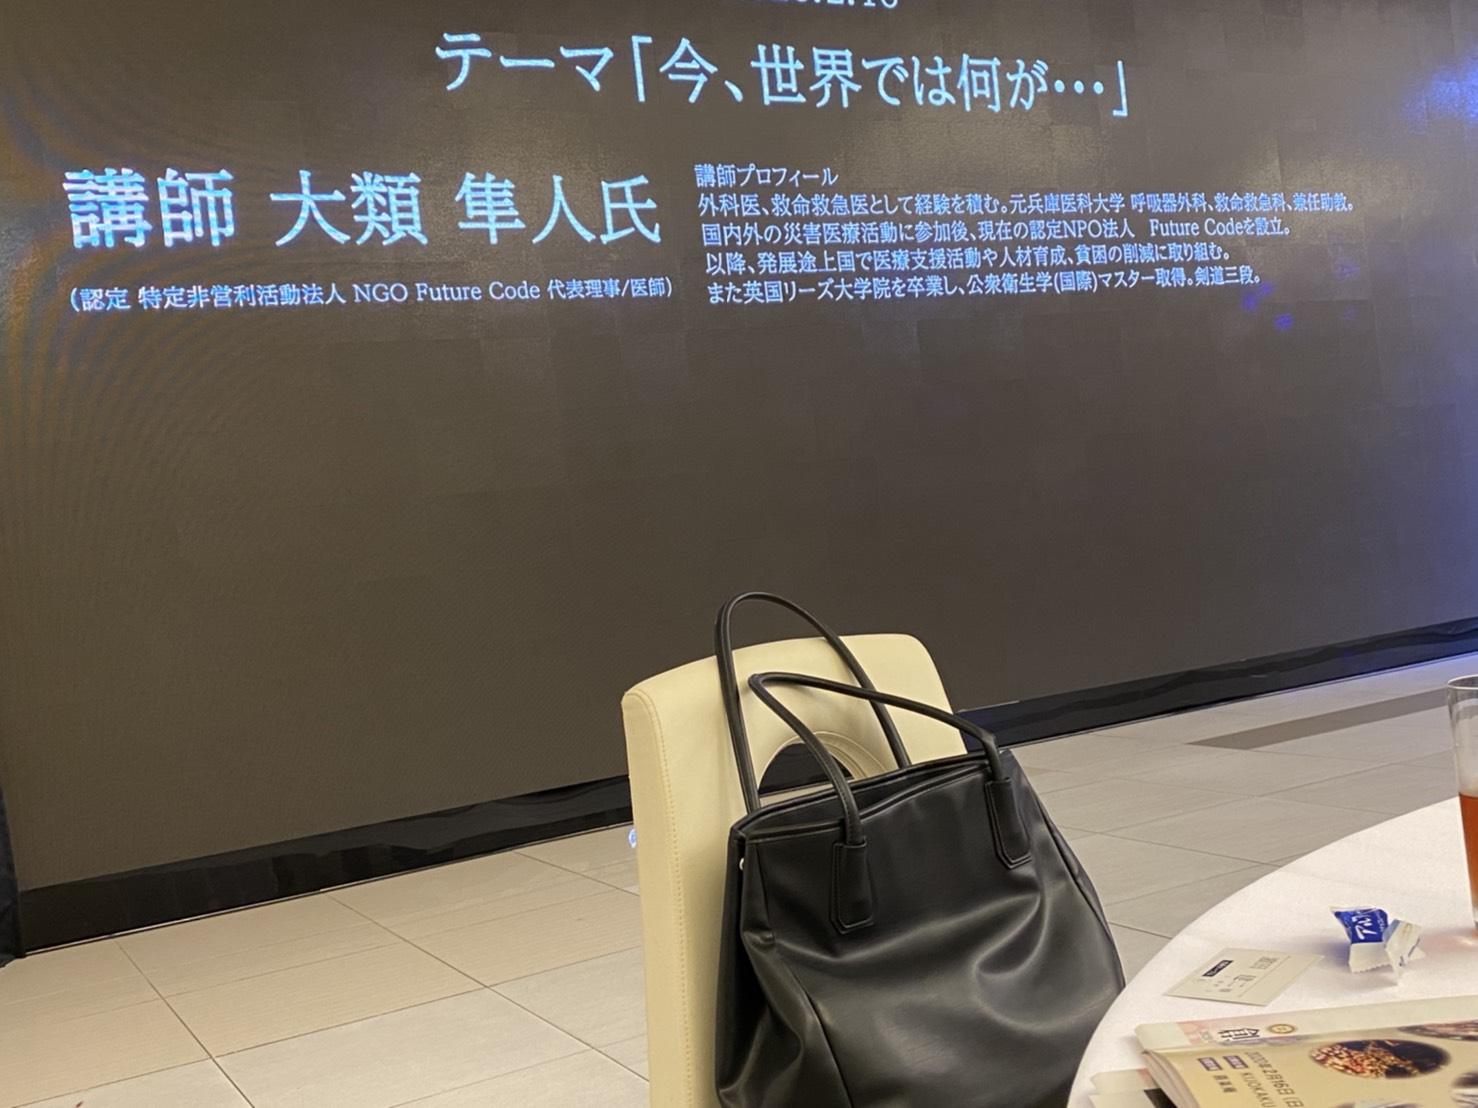 大類隼人氏の活動の凄さ☆1